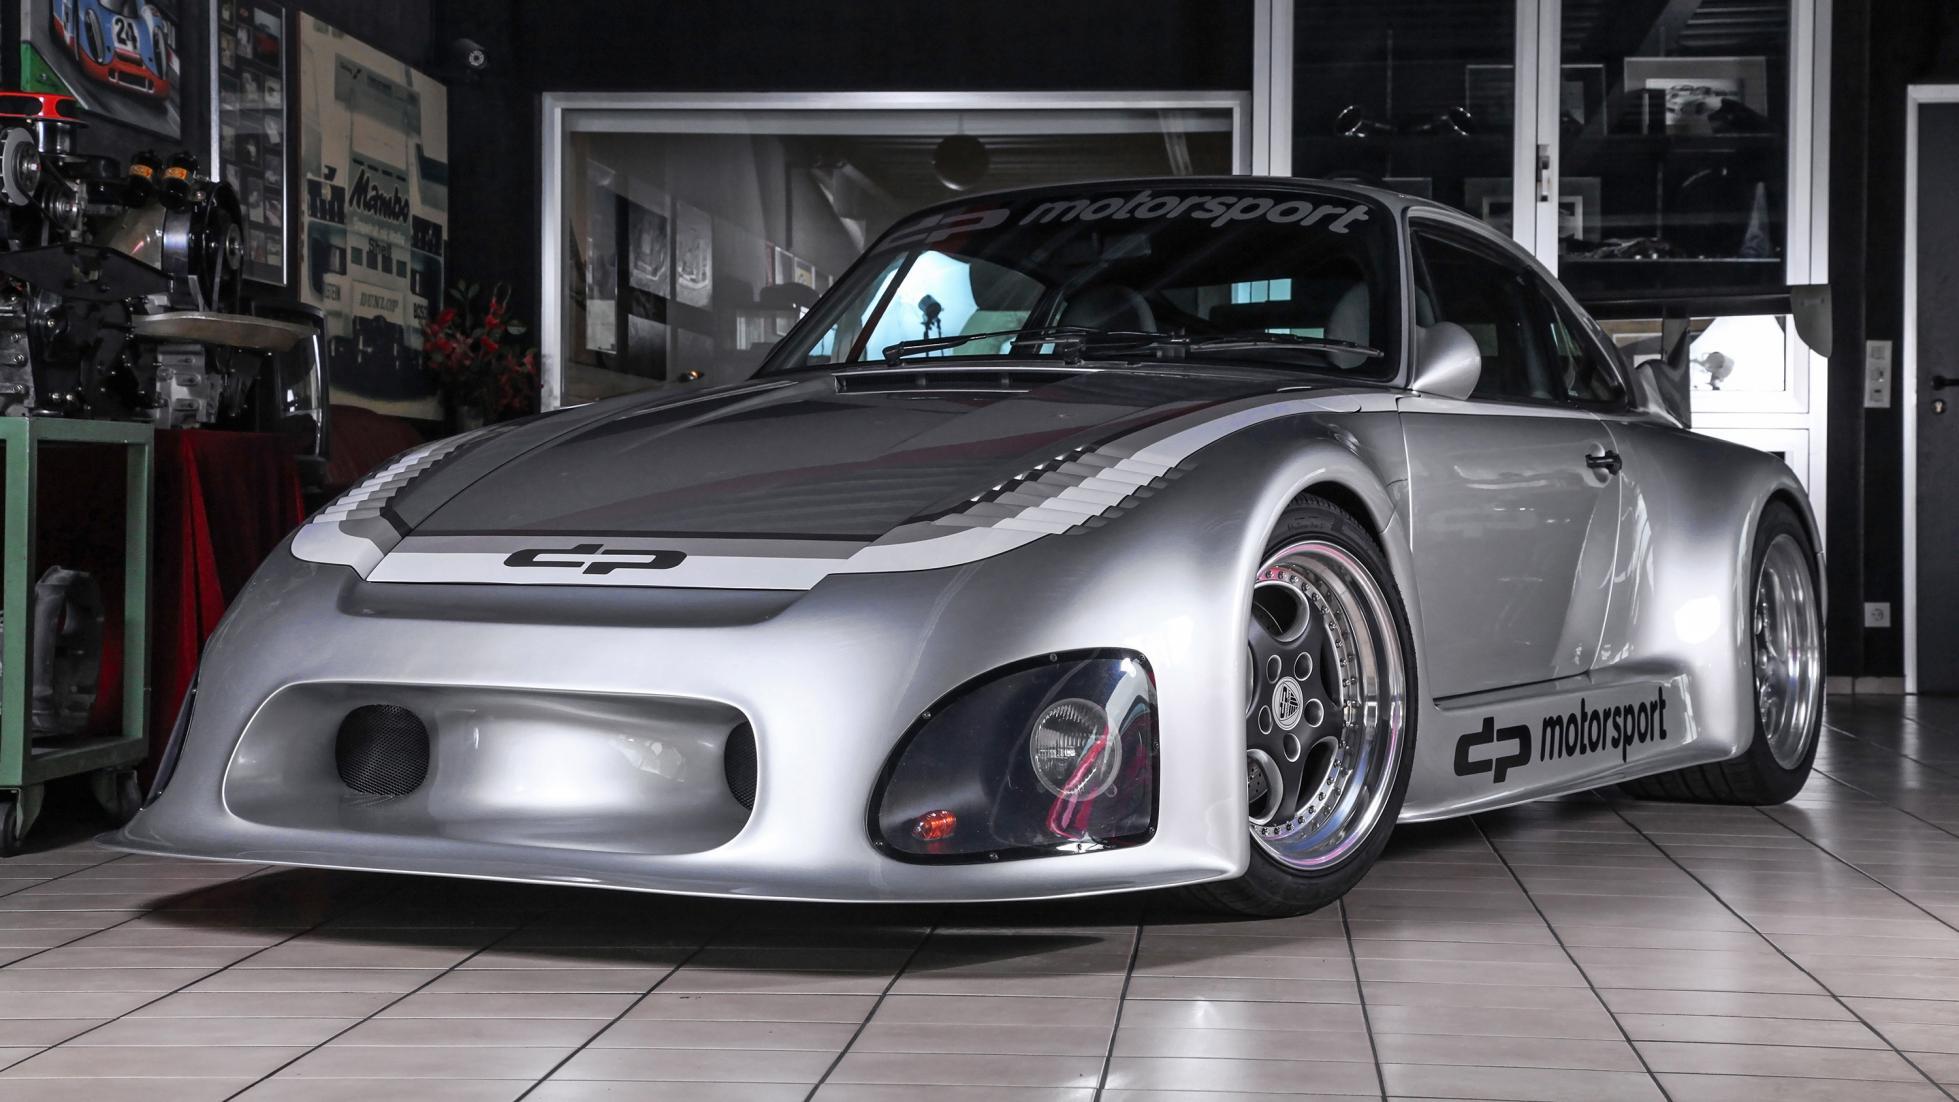 Porsche 911 964 replica 935byDP Motorsport (1)